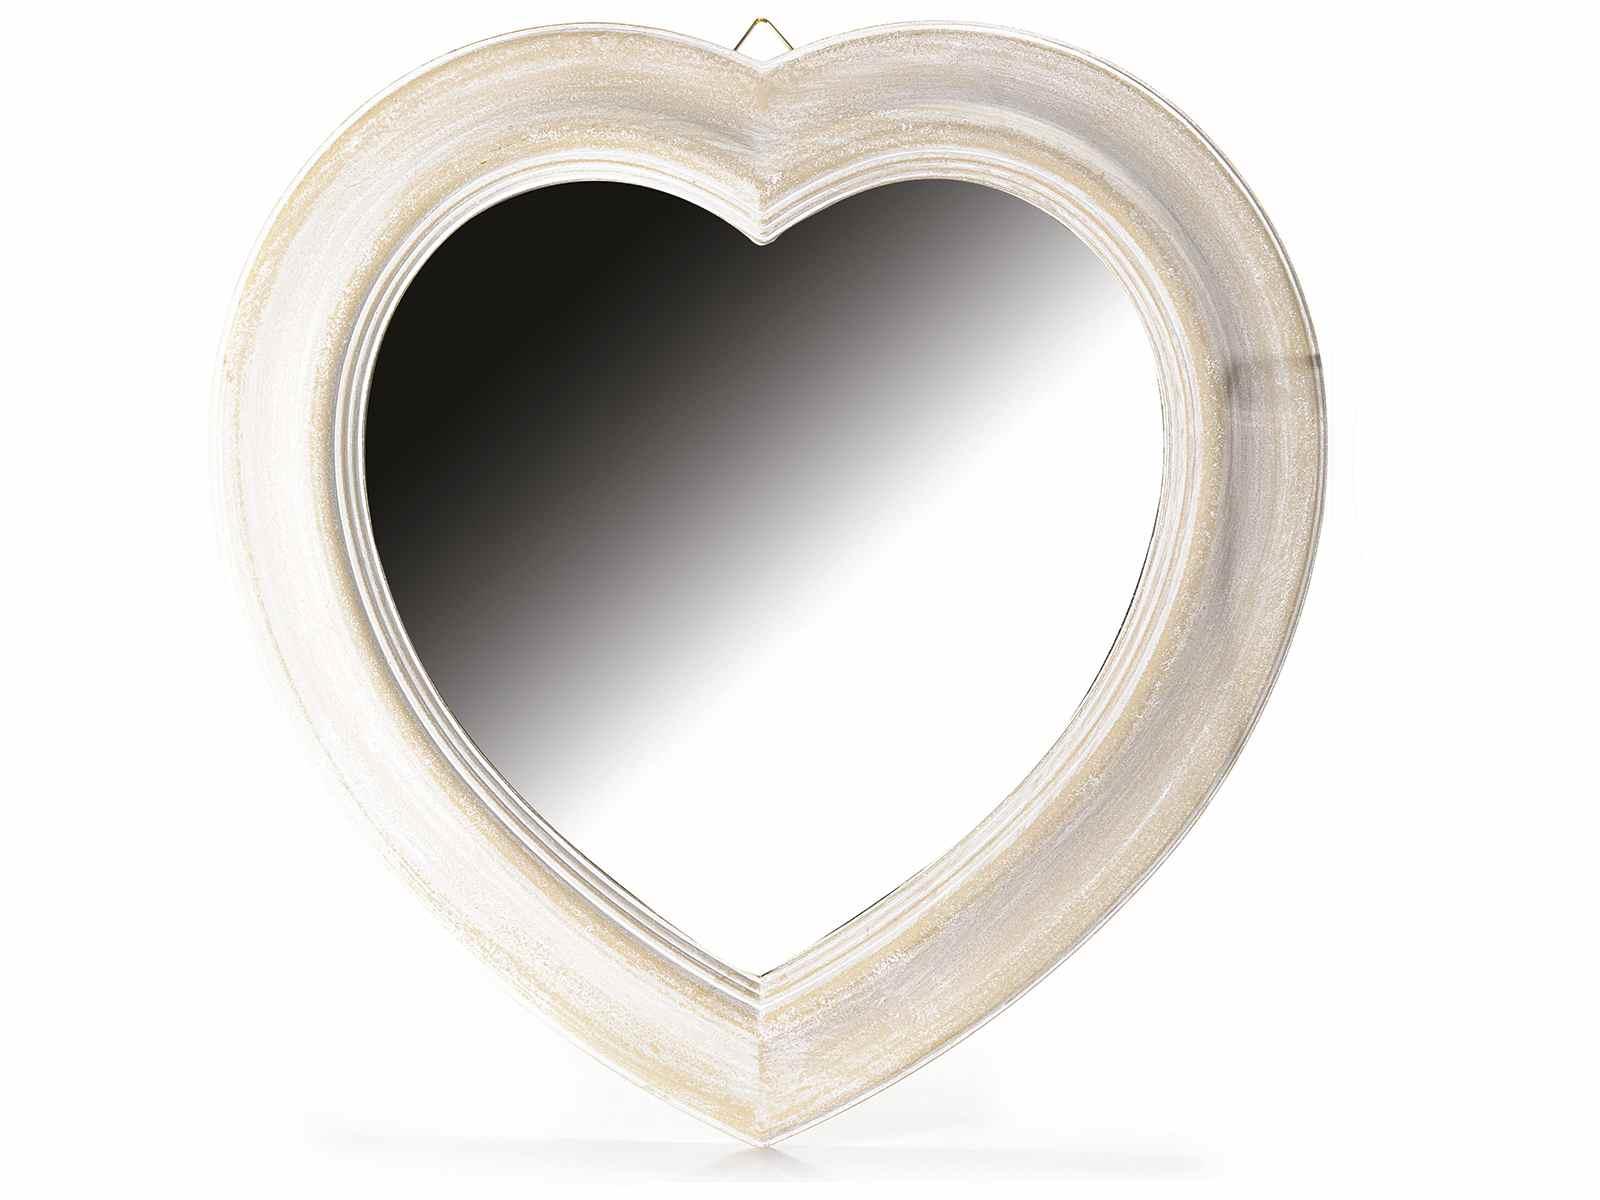 Espejo en forma de coraz n con marco en madera para colgar - Colgar espejo pared sin marco ...